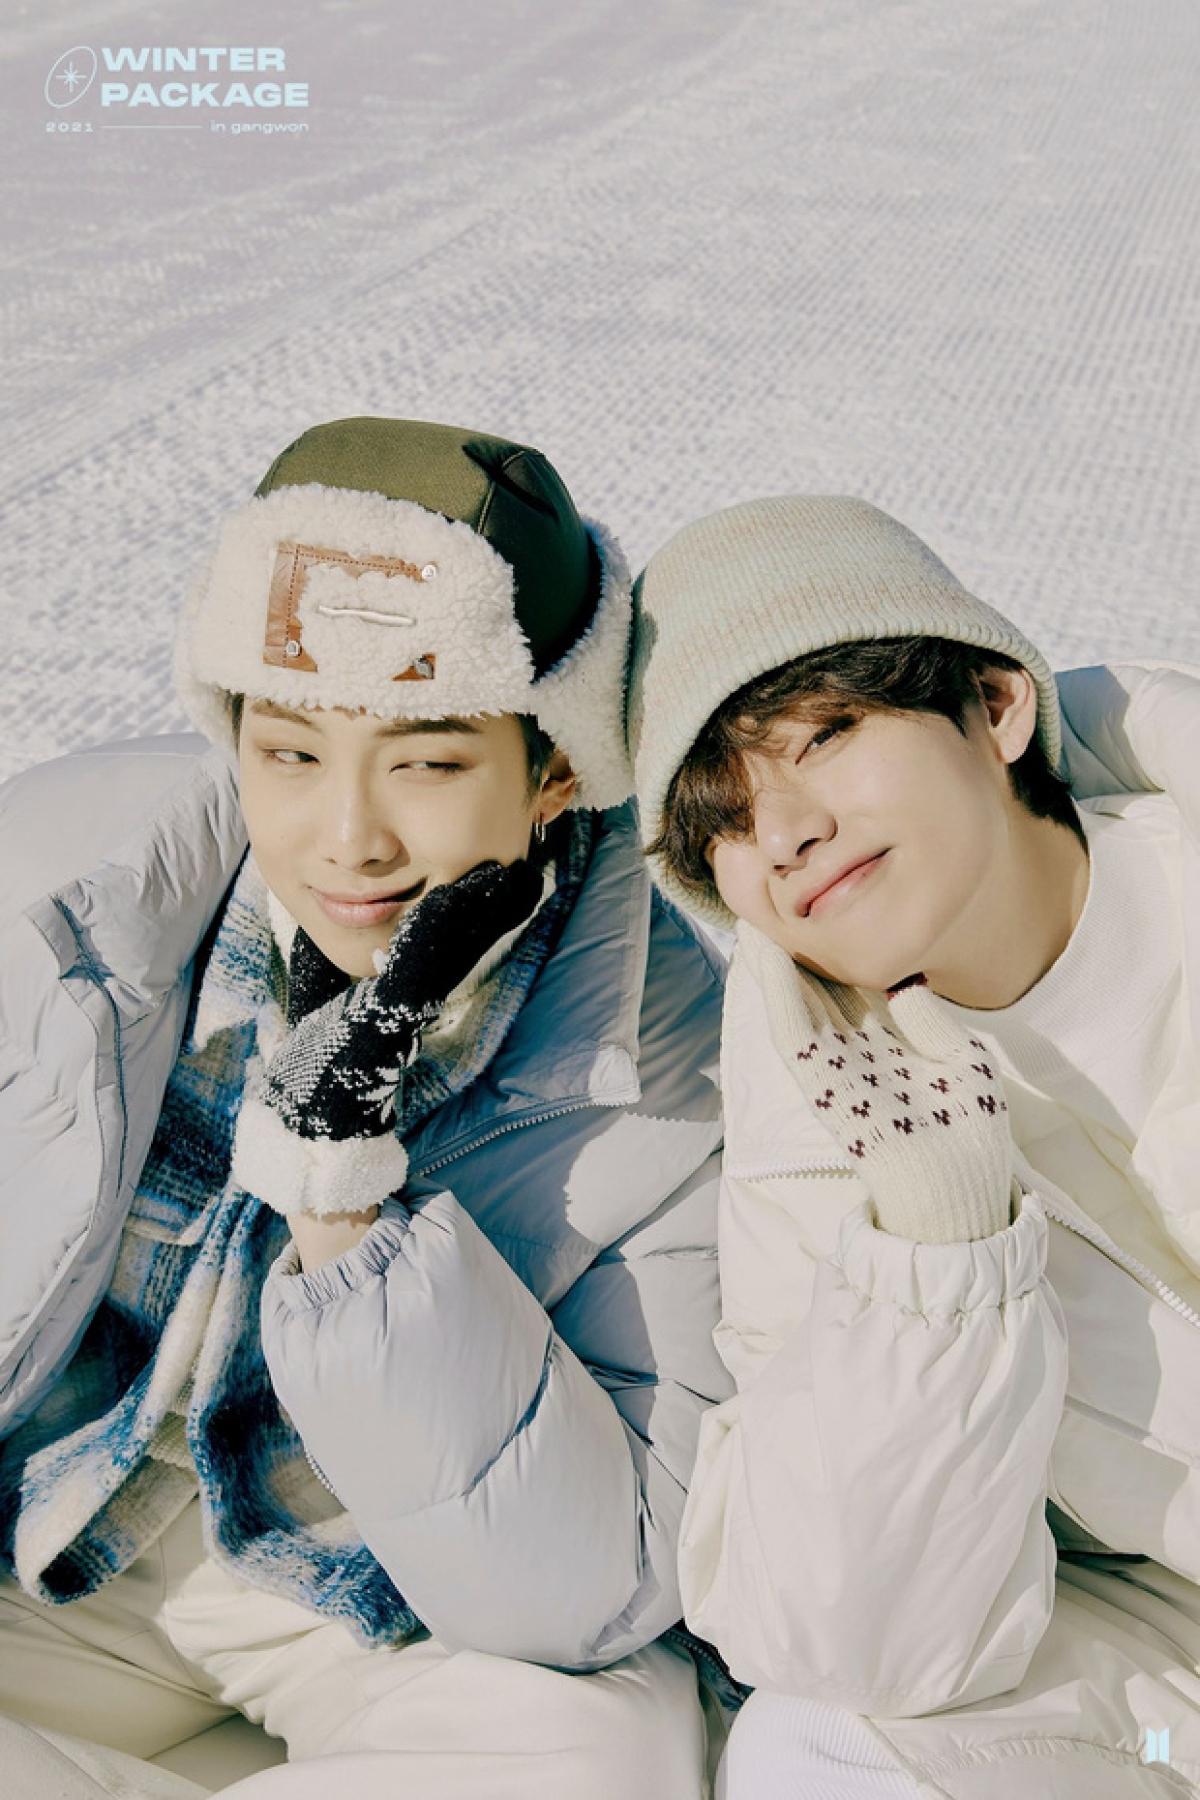 """Mới đây, 7 chàng trai BTS """"đốn tim"""" người hâm mộ với bộ ảnh """"Winter Package"""" tươi sáng, ấm áp."""